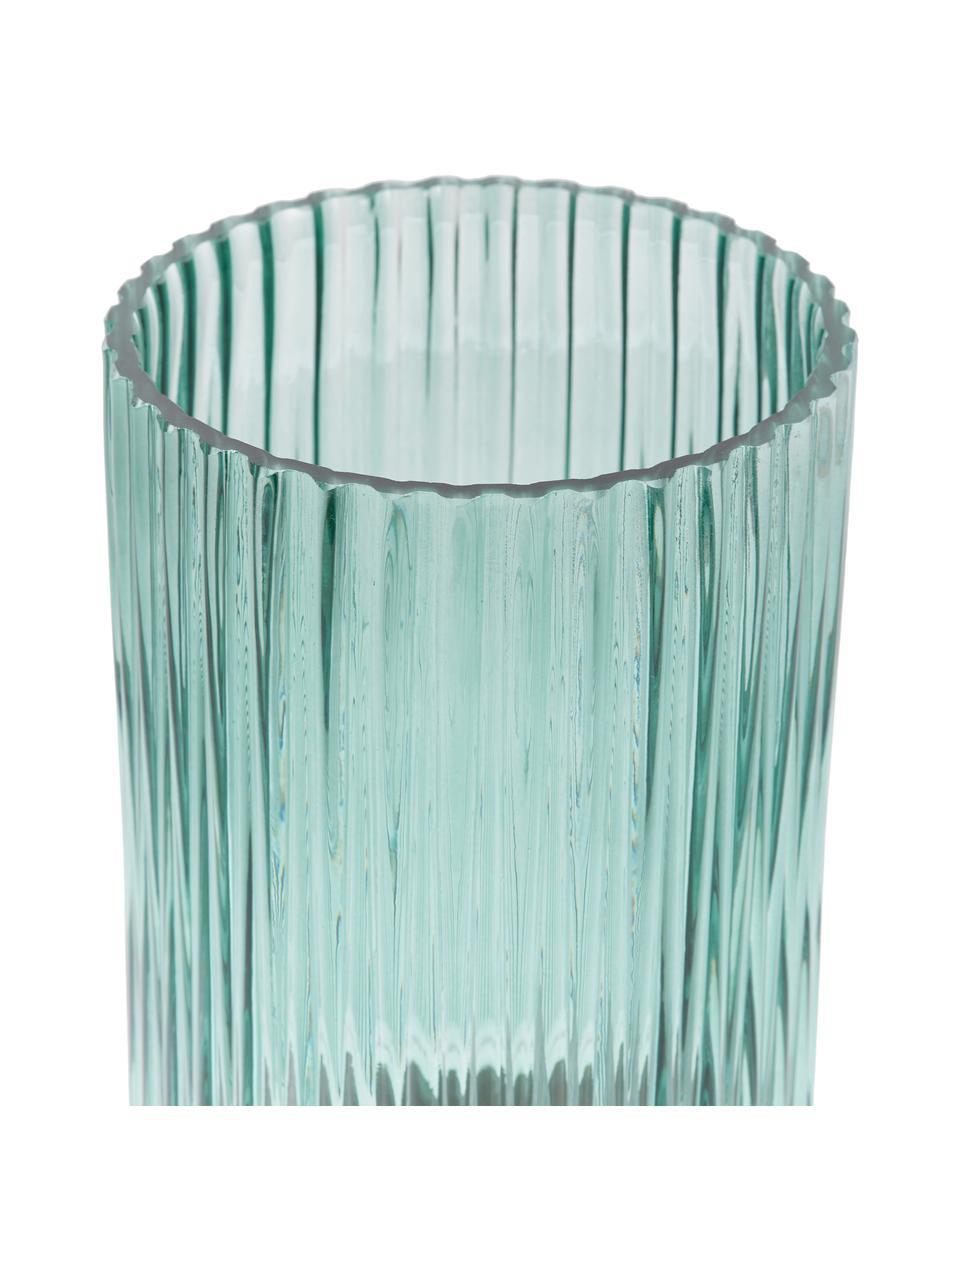 Vaso in vetro con base in metallo Lene, Vaso: vetro, Vaso: verde trasparente Base: dorato opaco, Ø 12 x Alt. 20 cm